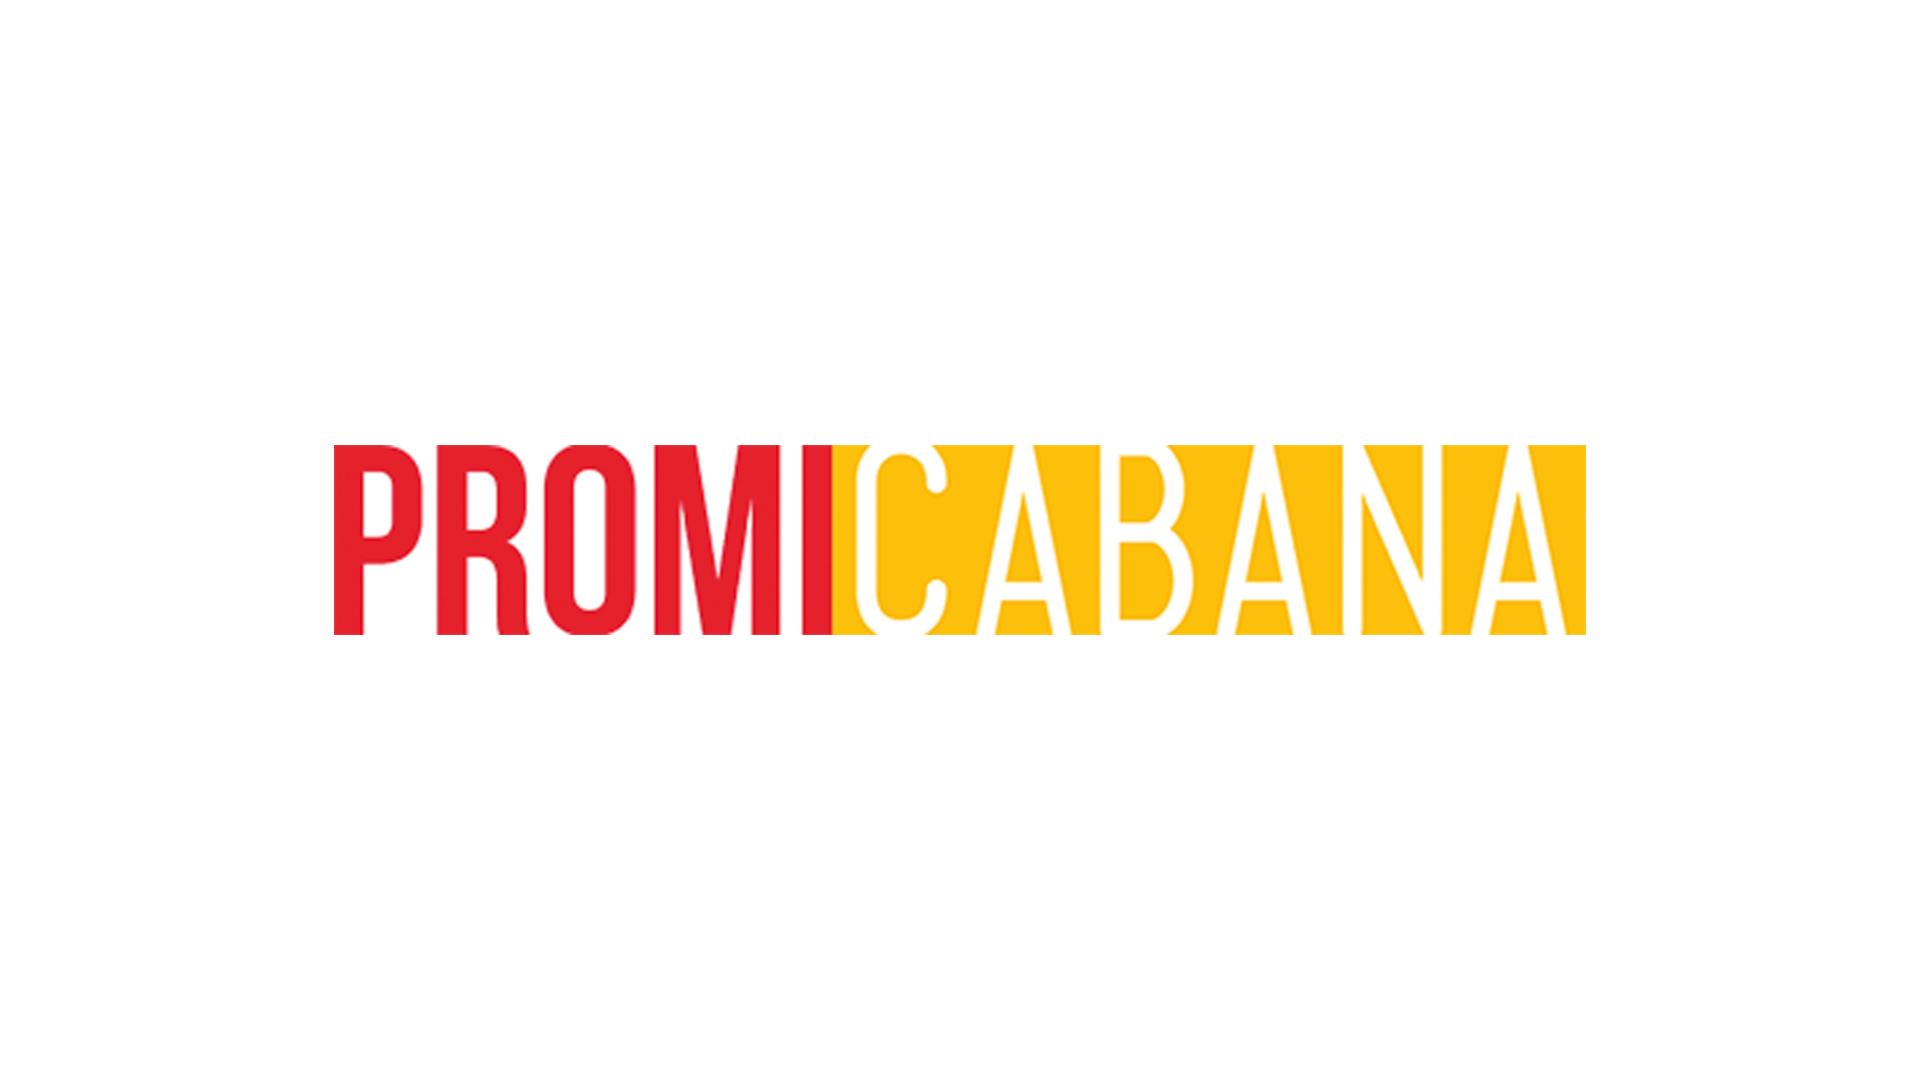 Paul-McCartney-Kanye-West